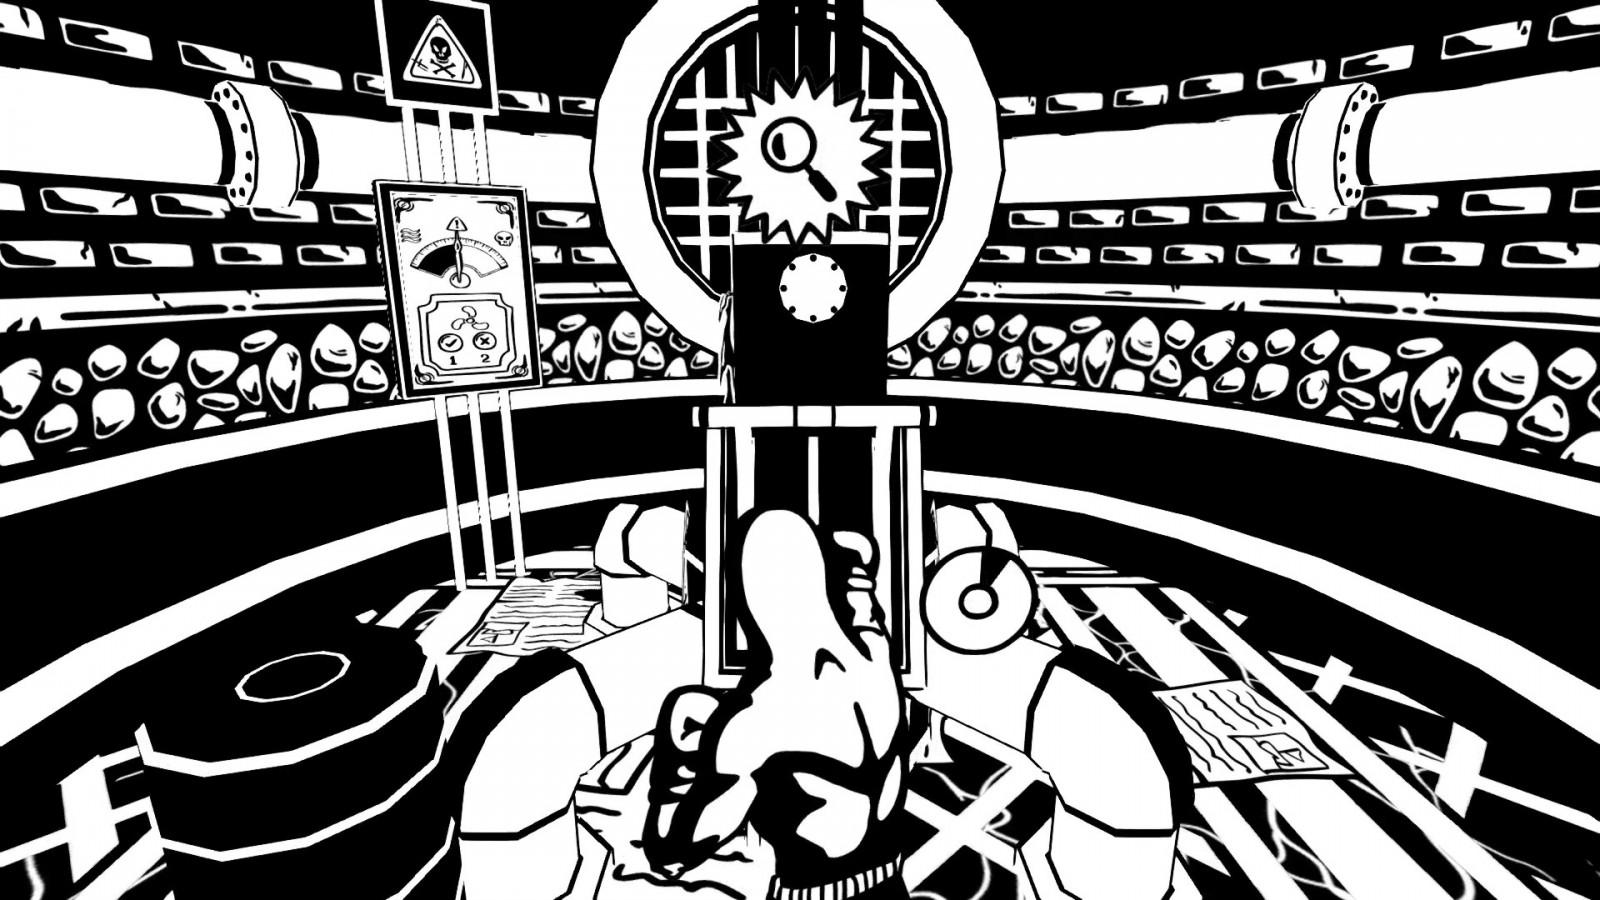 Reseña: Pato Box, Un juego desarrollado en México 4